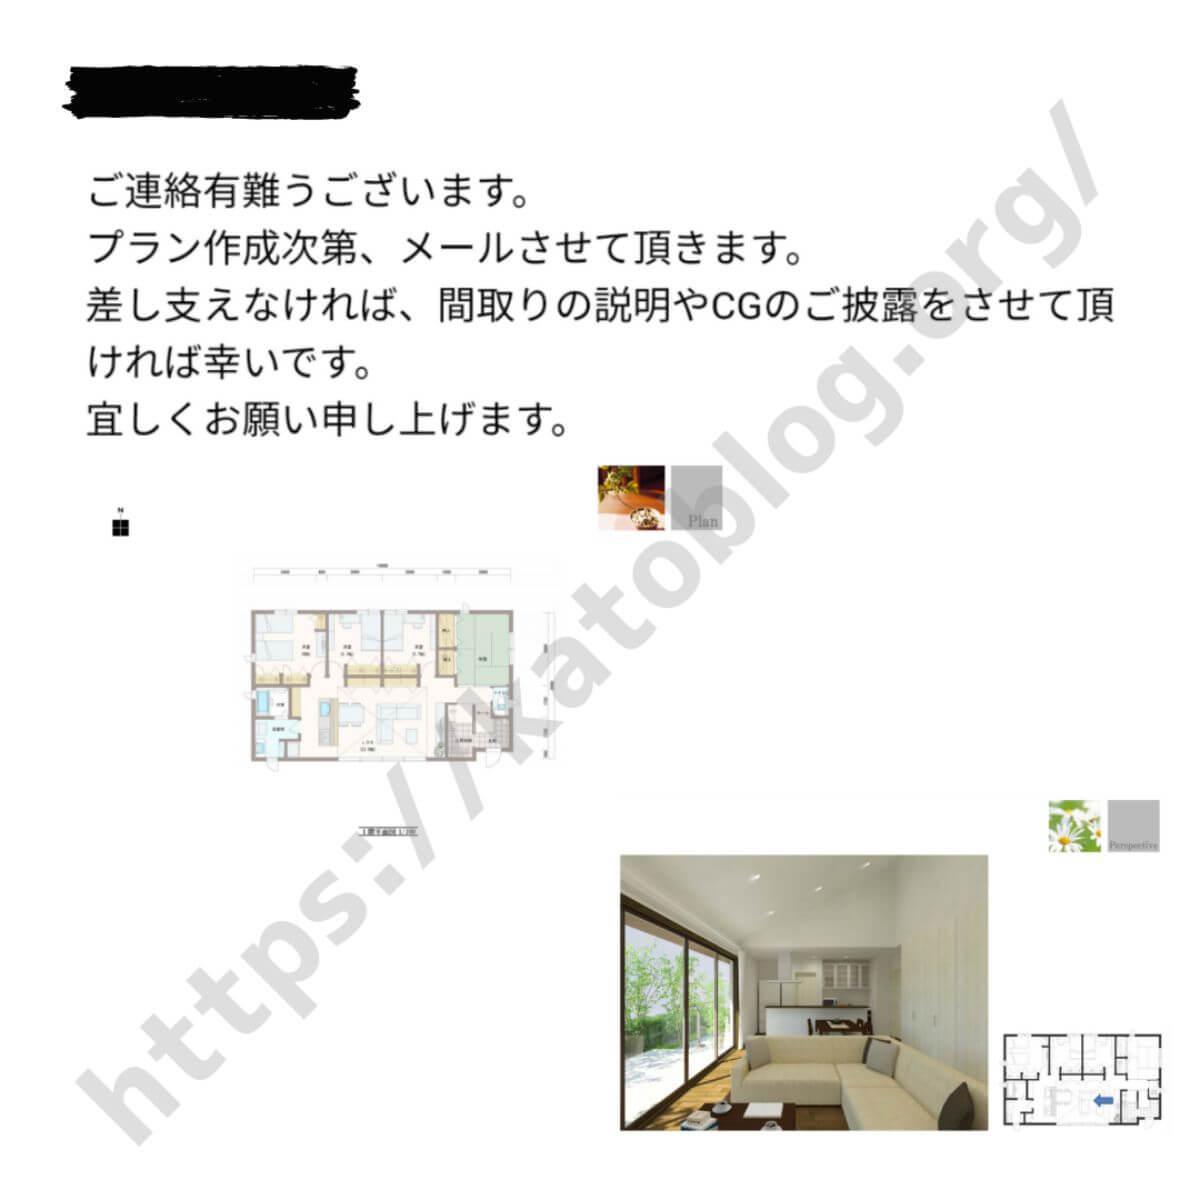 タウンライフ_口コミ_5社目